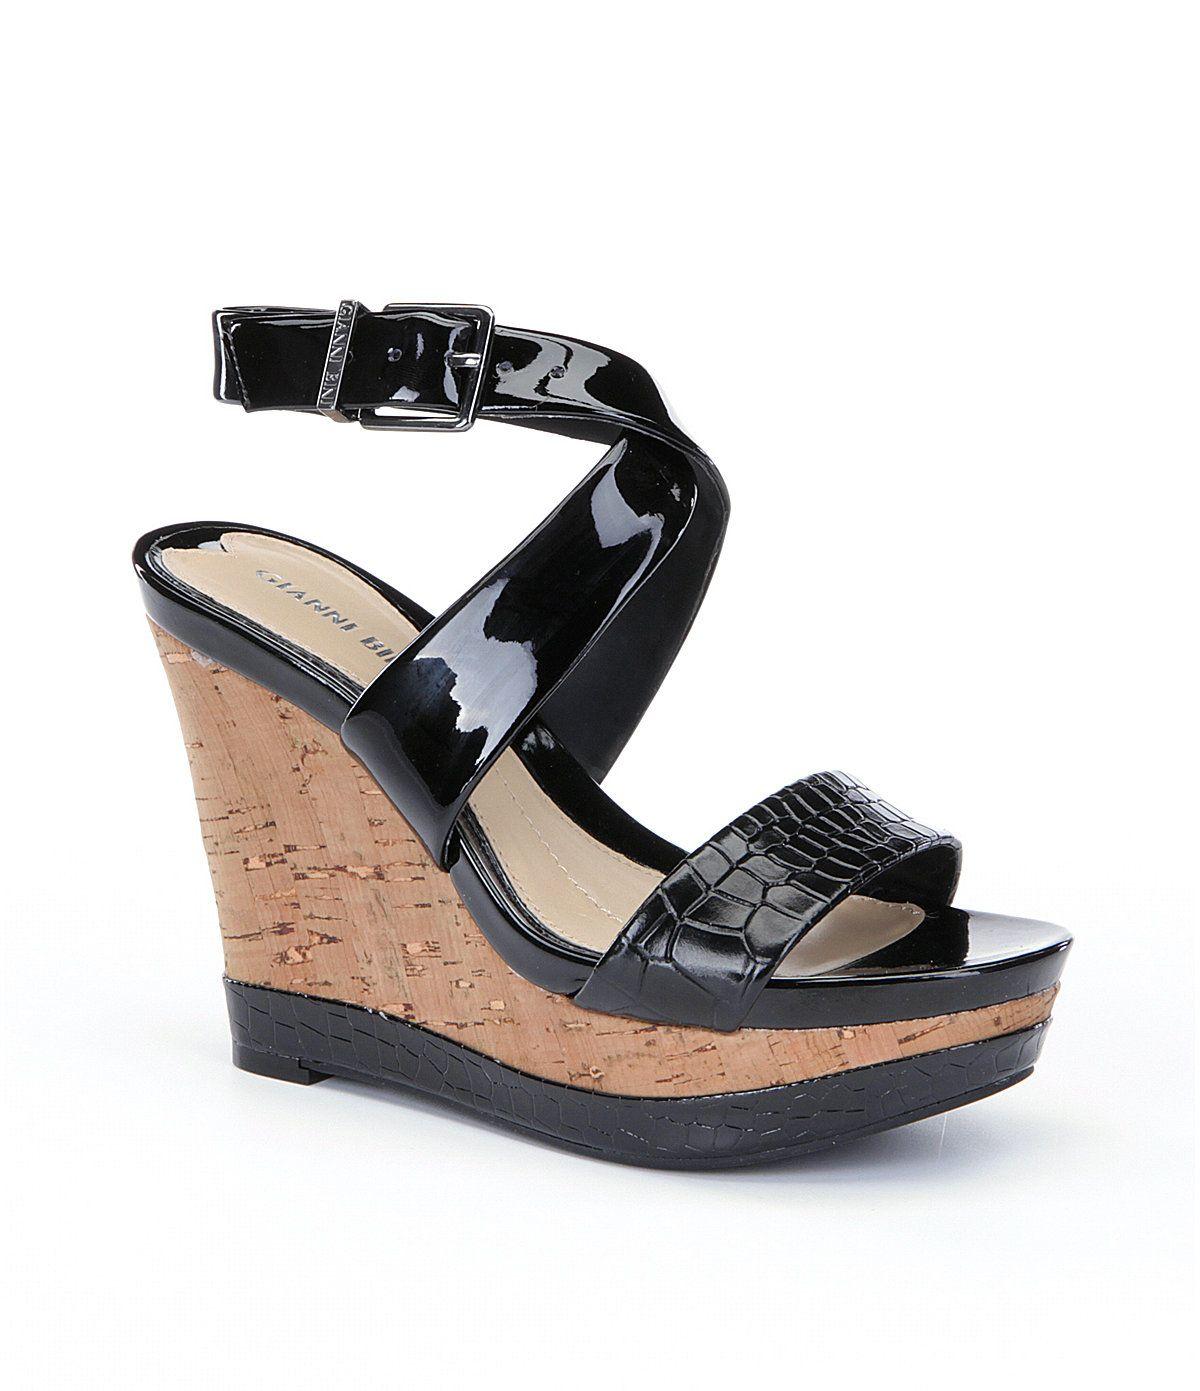 88ed3ff8fbfe Gianni Bini Korah Espadrille Wedge Sandals